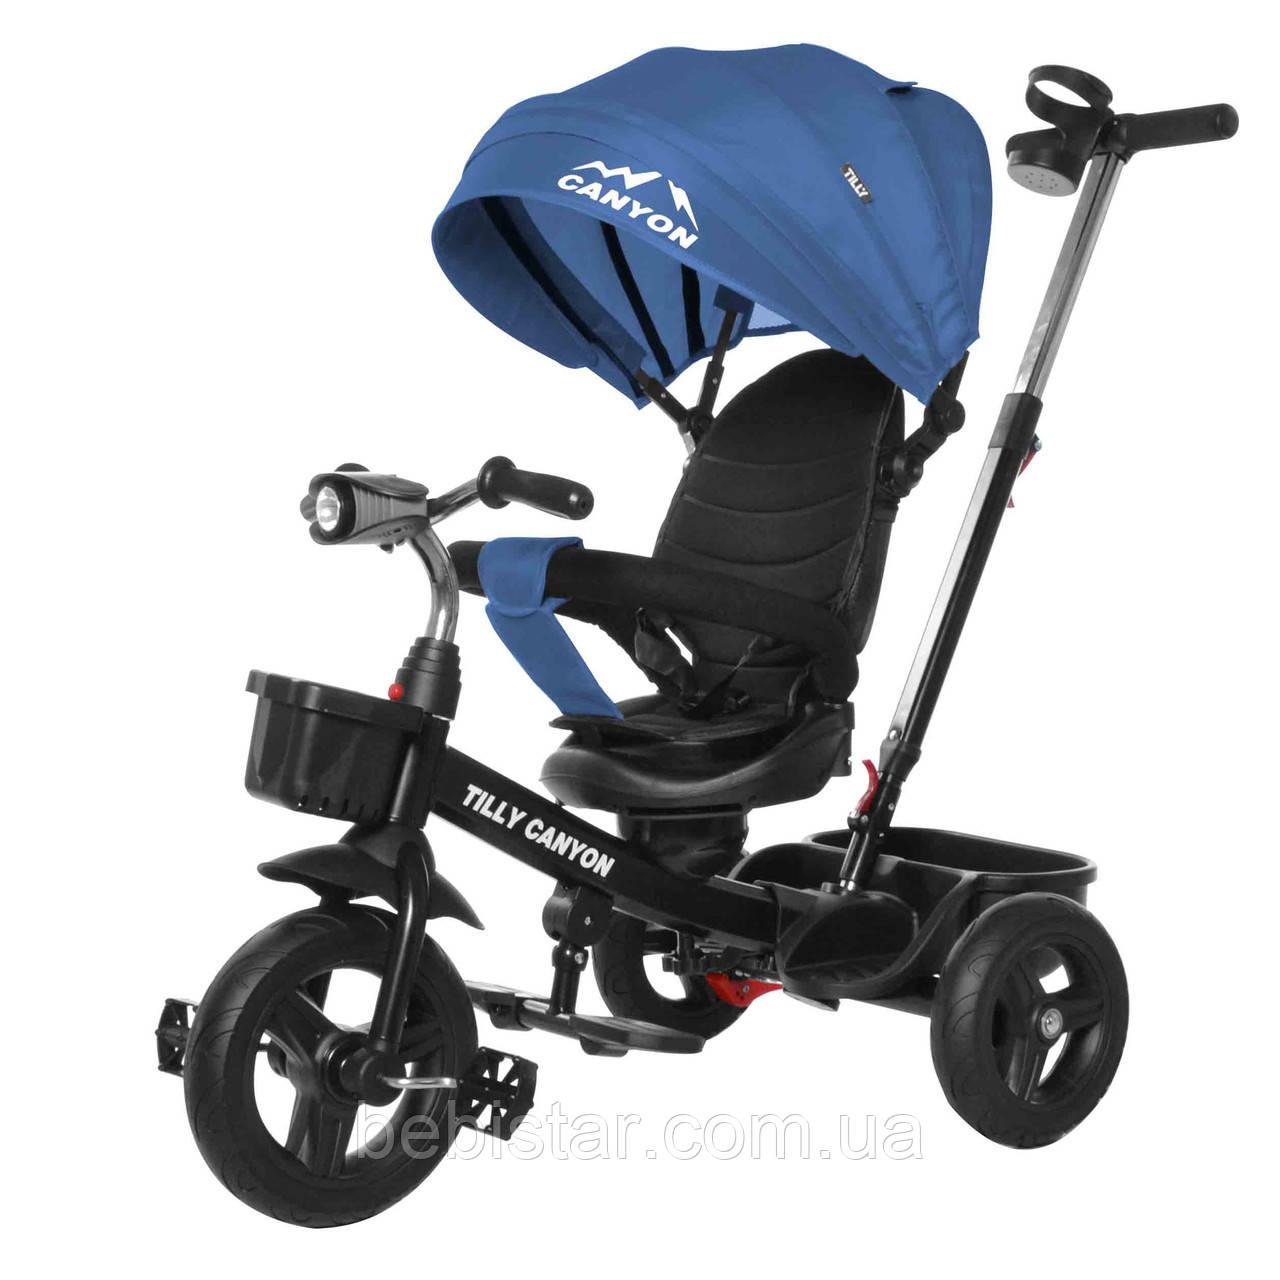 Трехколесный велосипед синий TILLY CANYON T-384 с поворотным сидением музыка и свет